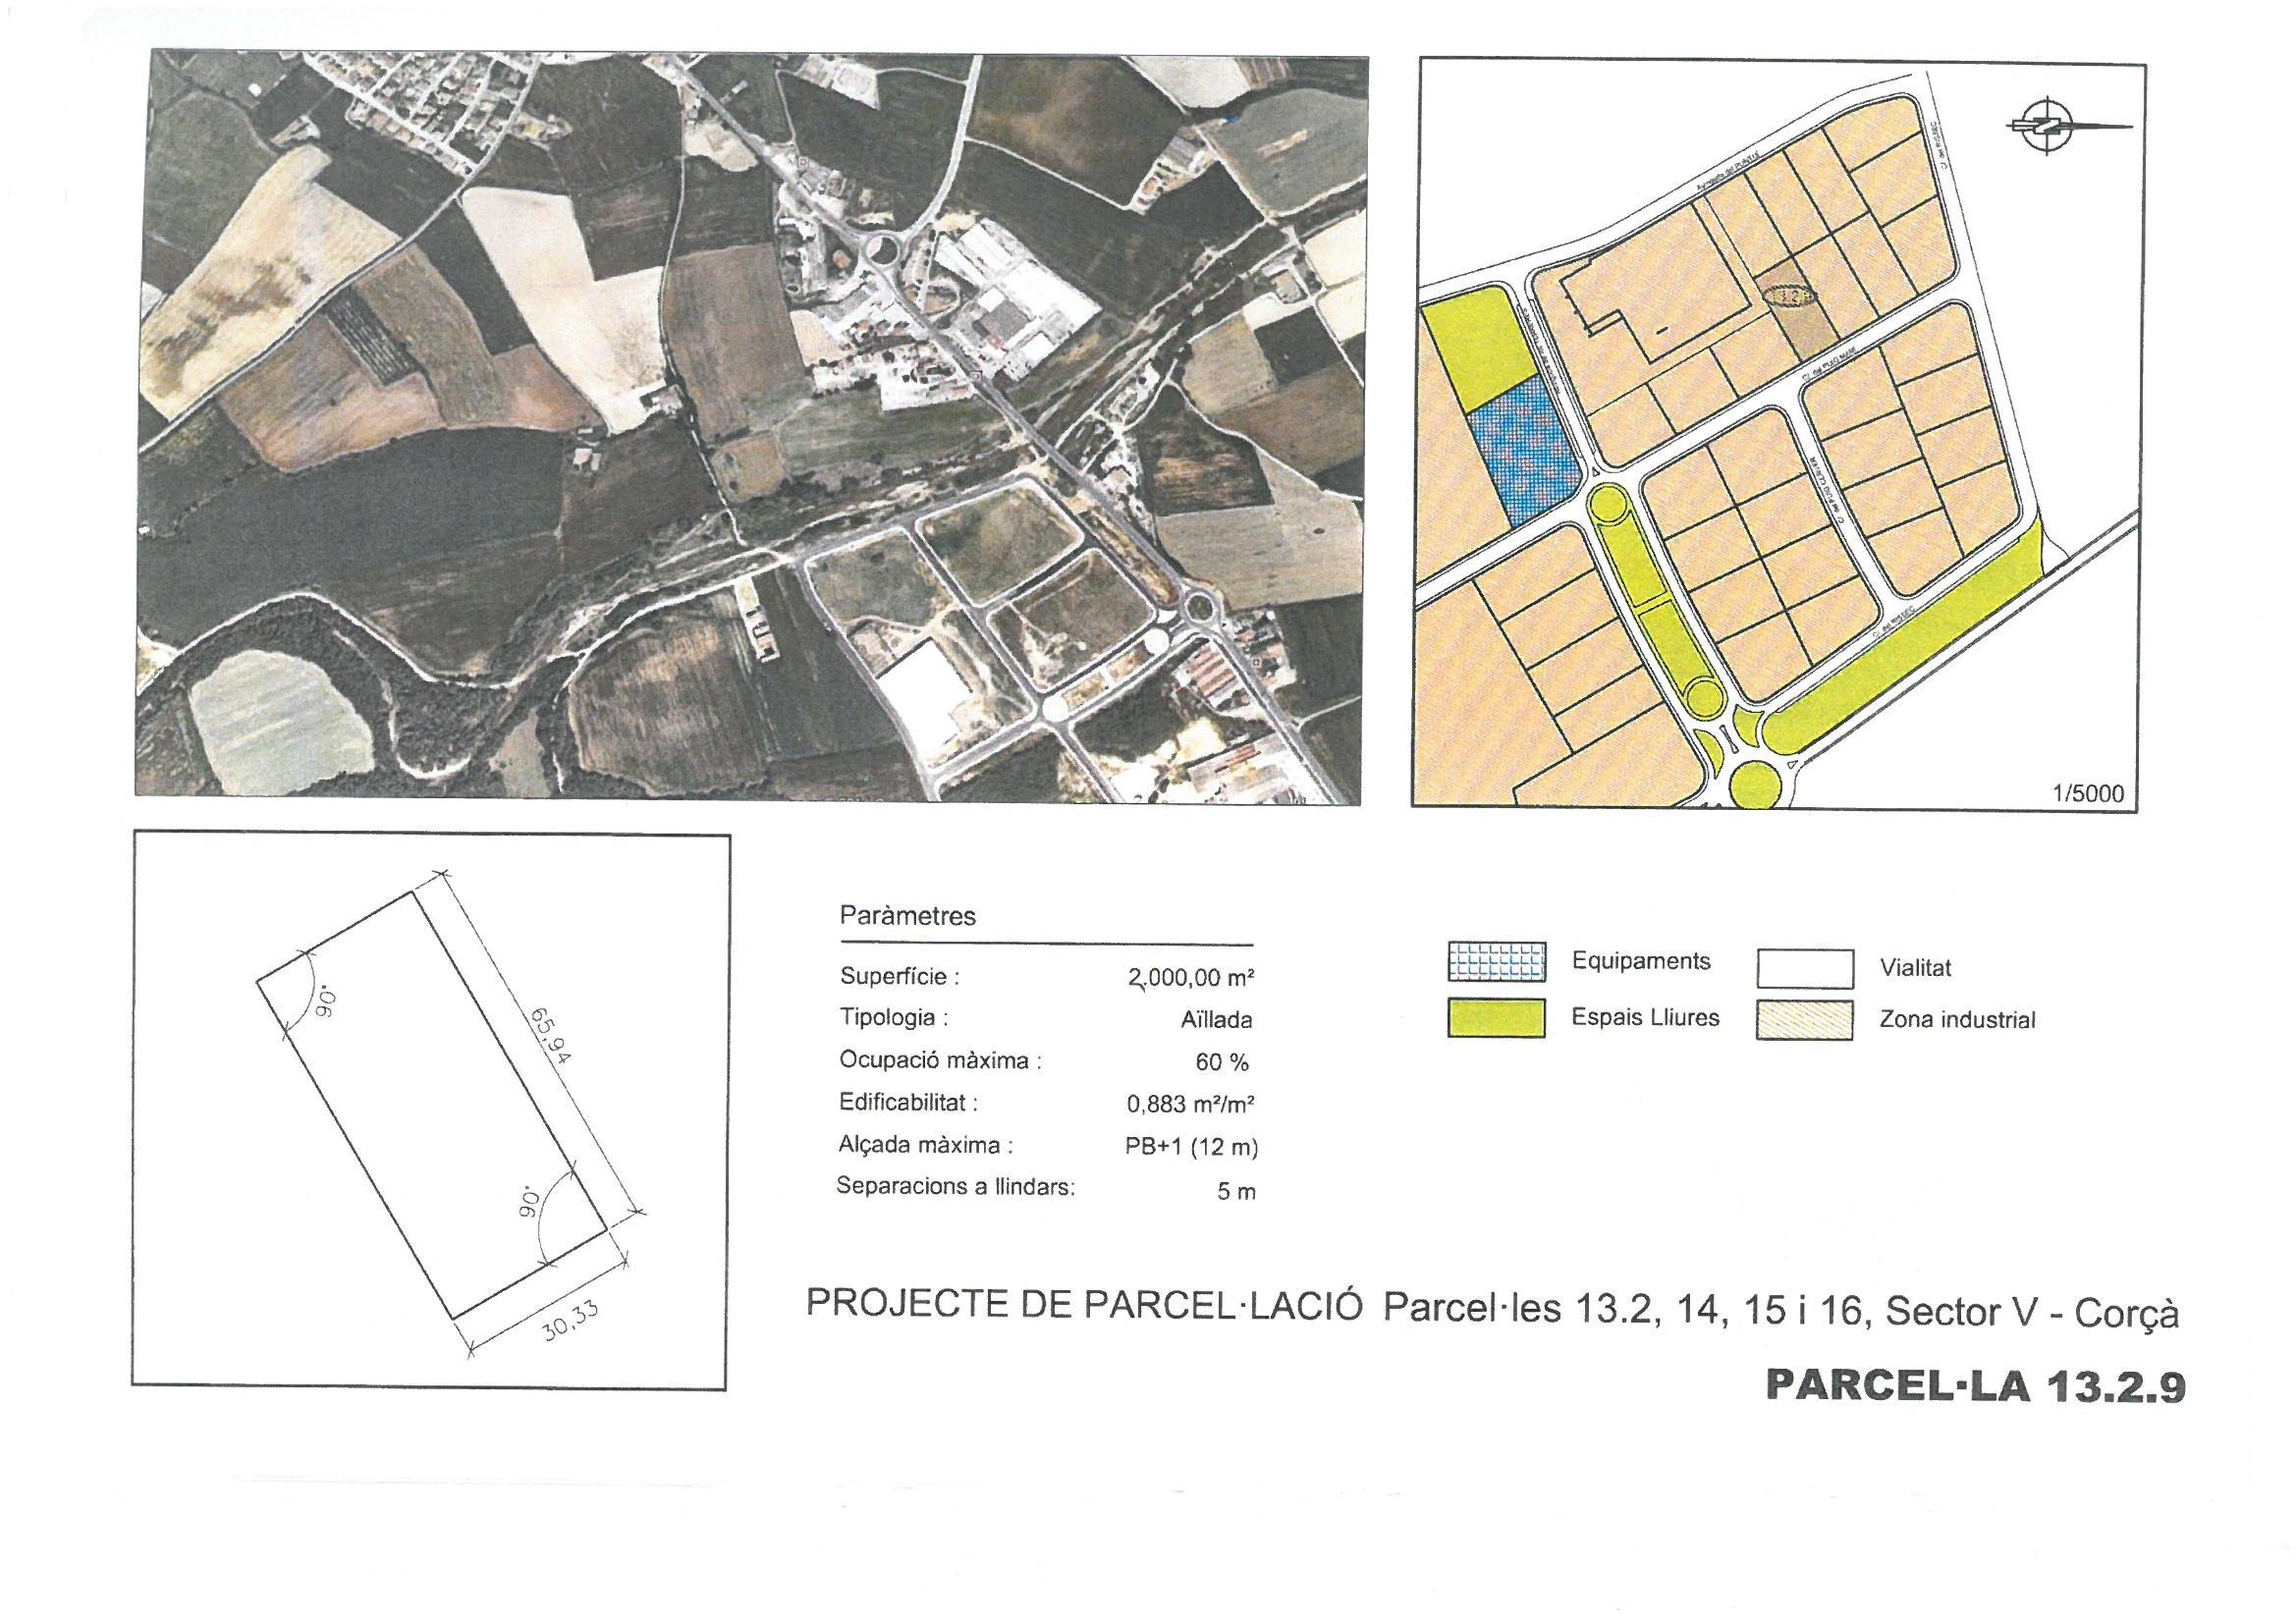 Terme municipal de Corcà, parcel•la 13.2.9